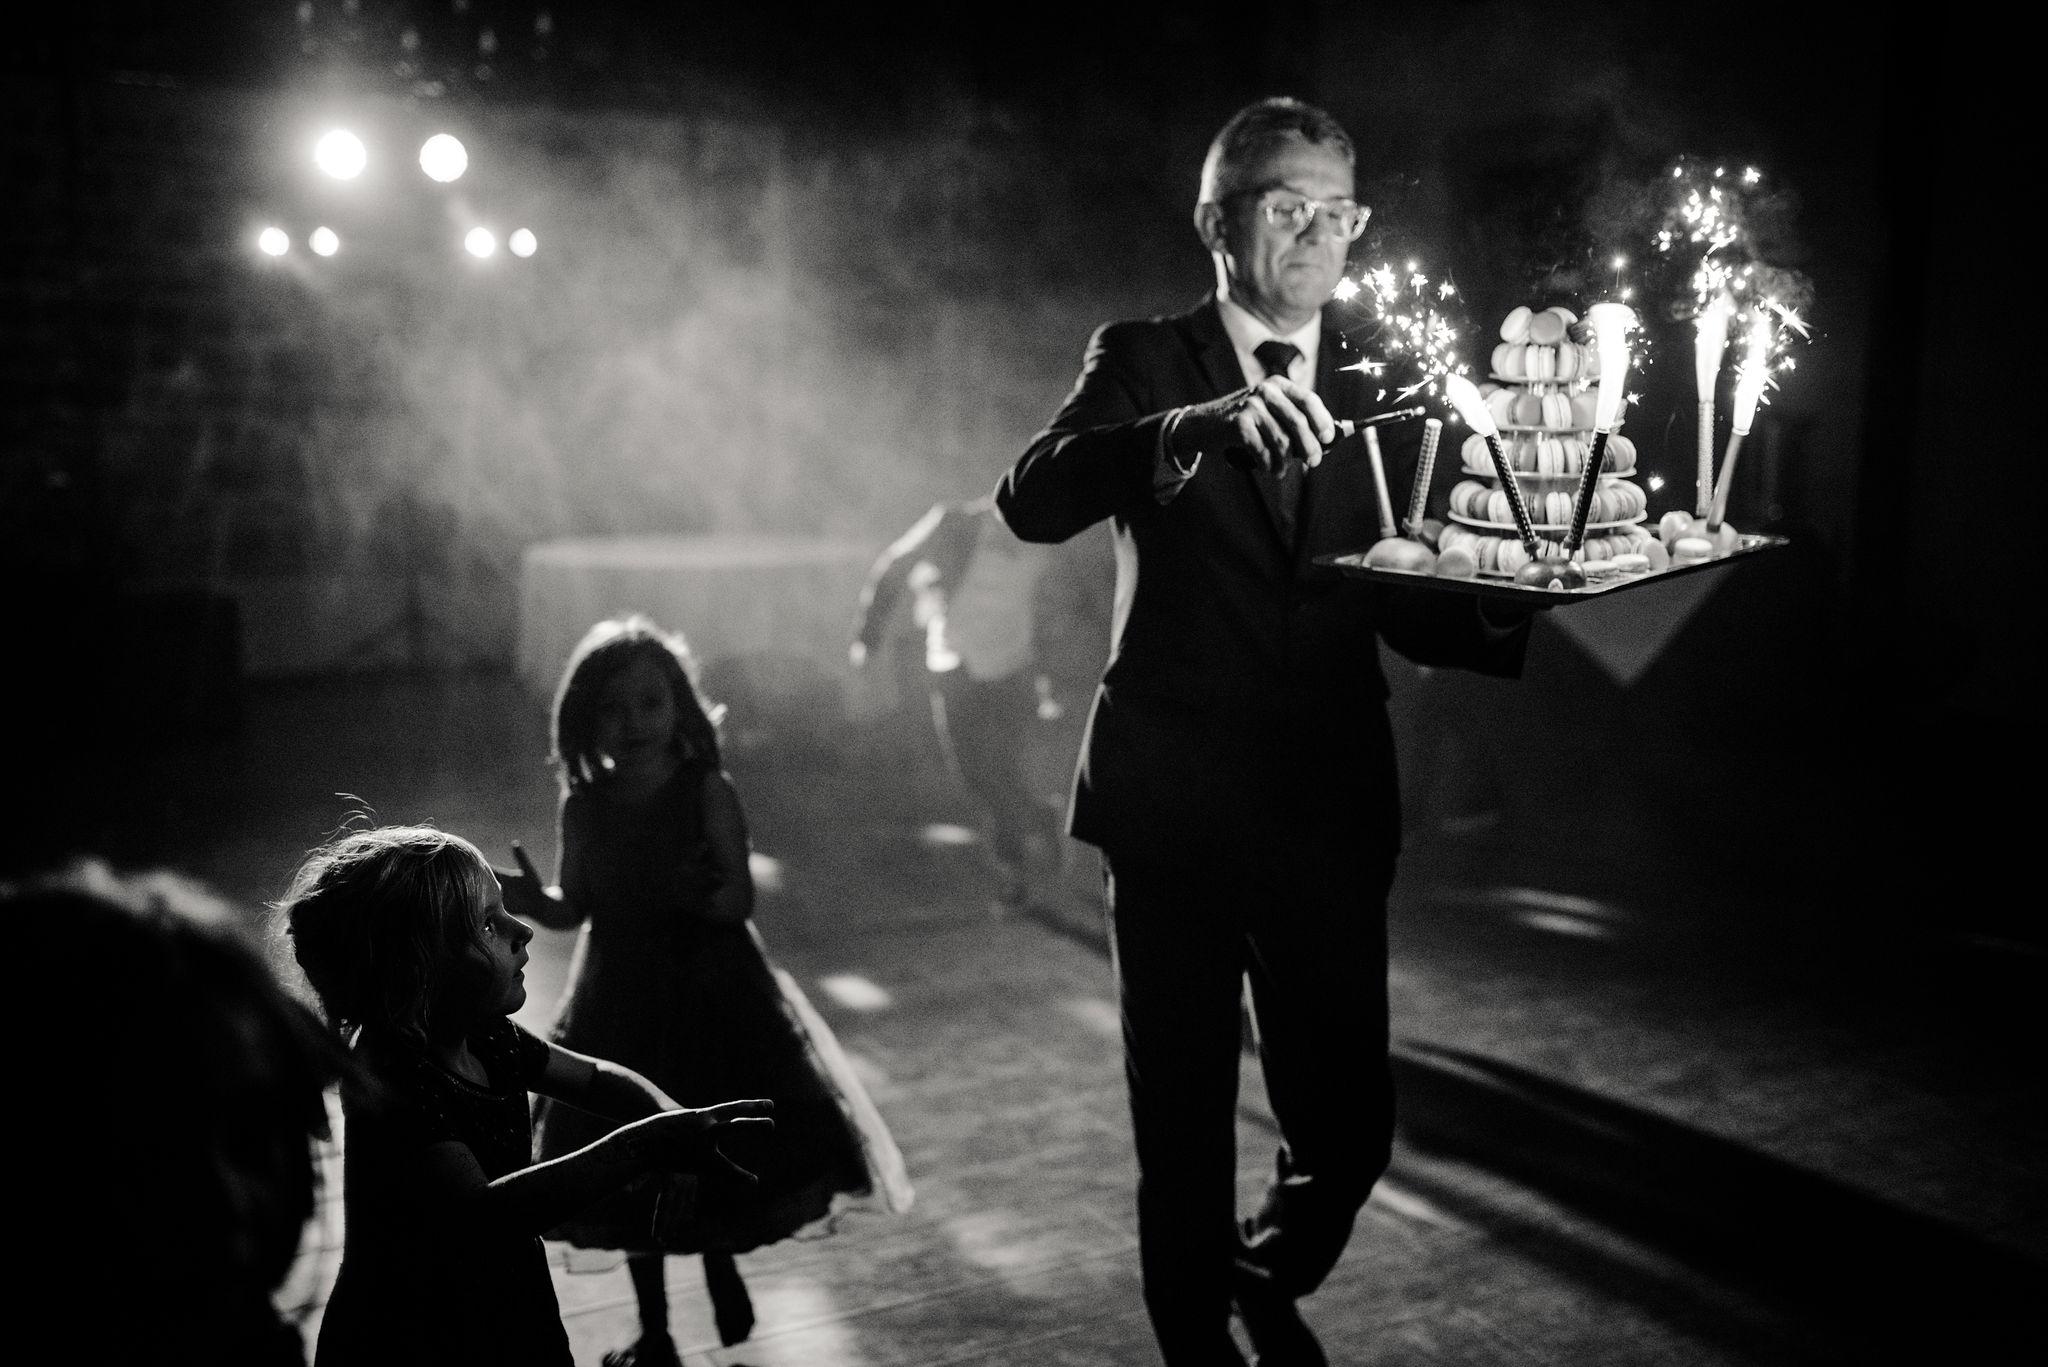 Léa-Fery-photographe-professionnel-lyon-rhone-alpes-portrait-creation-mariage-evenement-evenementiel-famille--240.jpg